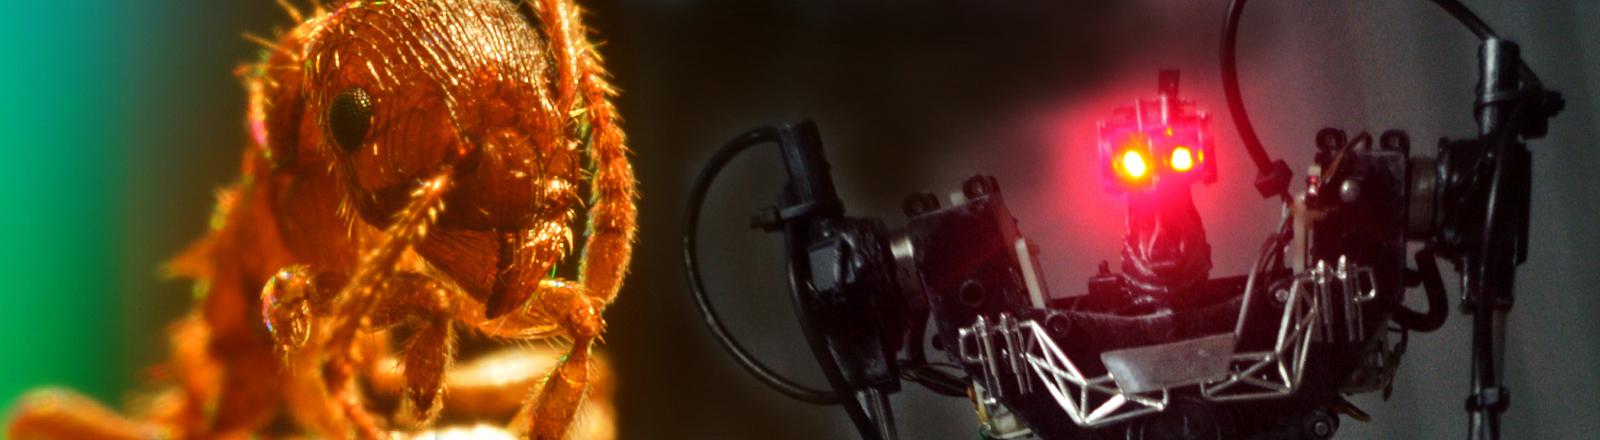 Eine Ameise und ein Killer-Roboter stehen sich gegenüber.